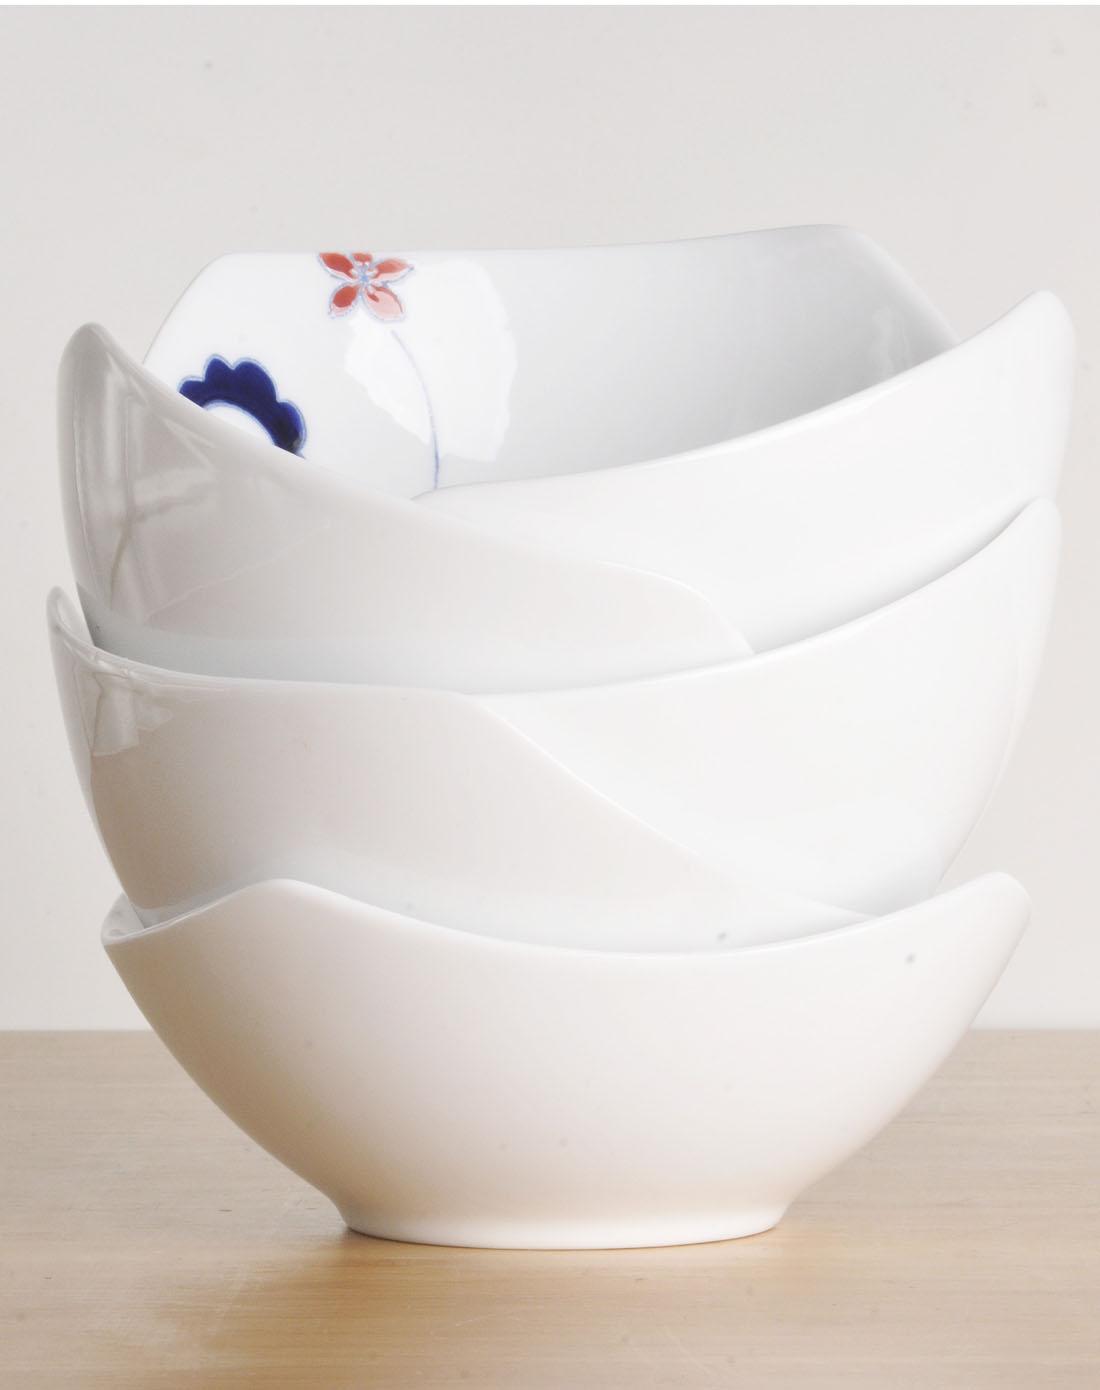 哲品斗彩卷草纹手绘陶瓷饭碗6个装-独秀